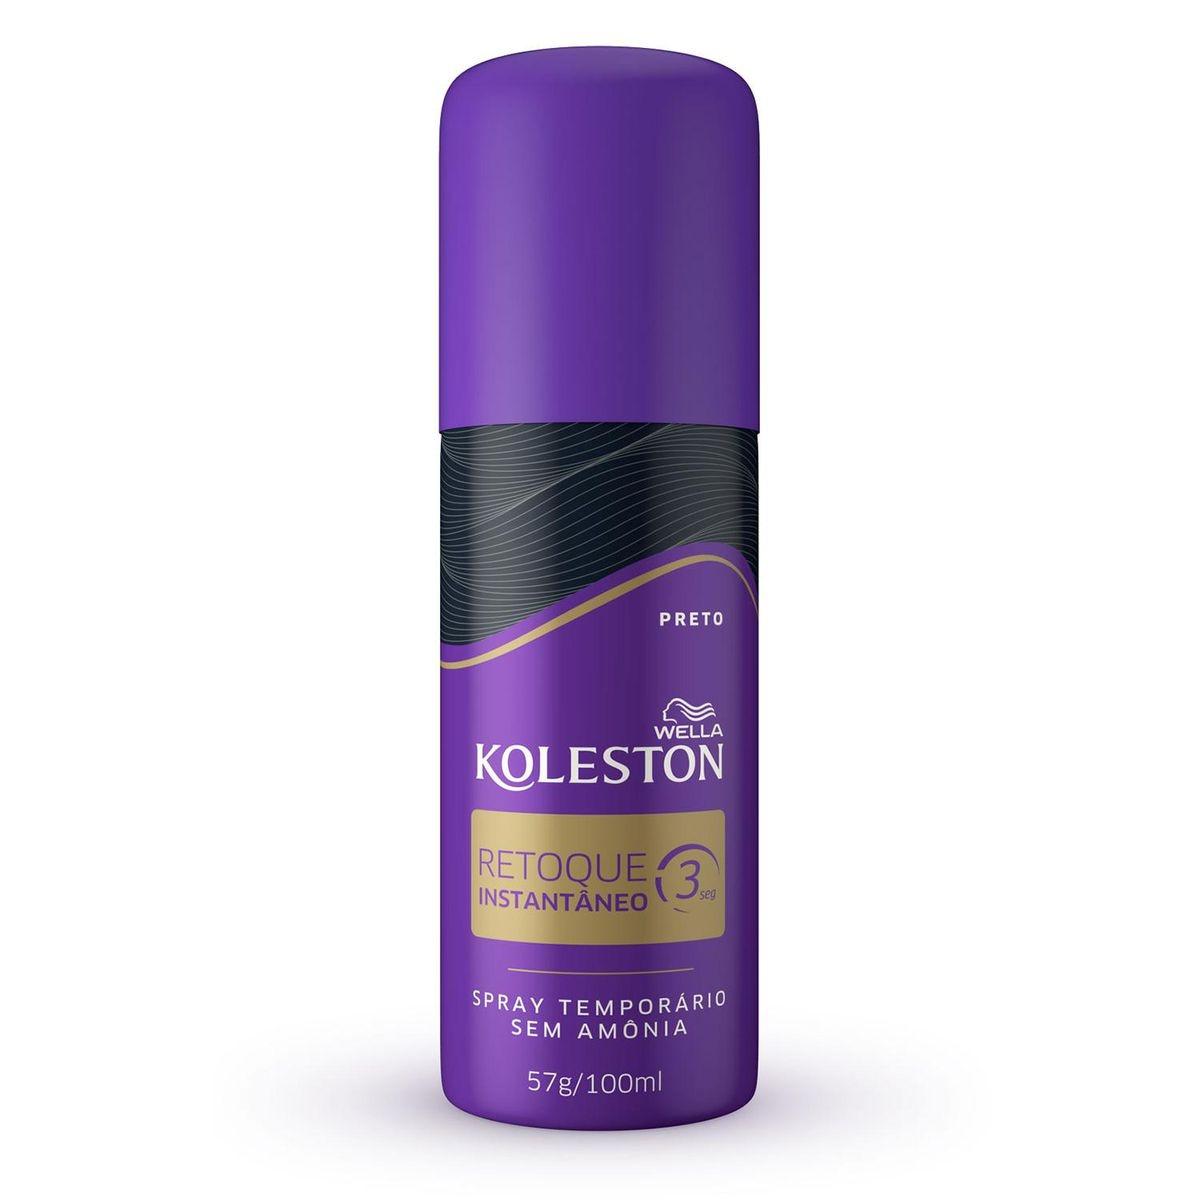 Retoque Instantâneo Koleston Preto 100ml Spray